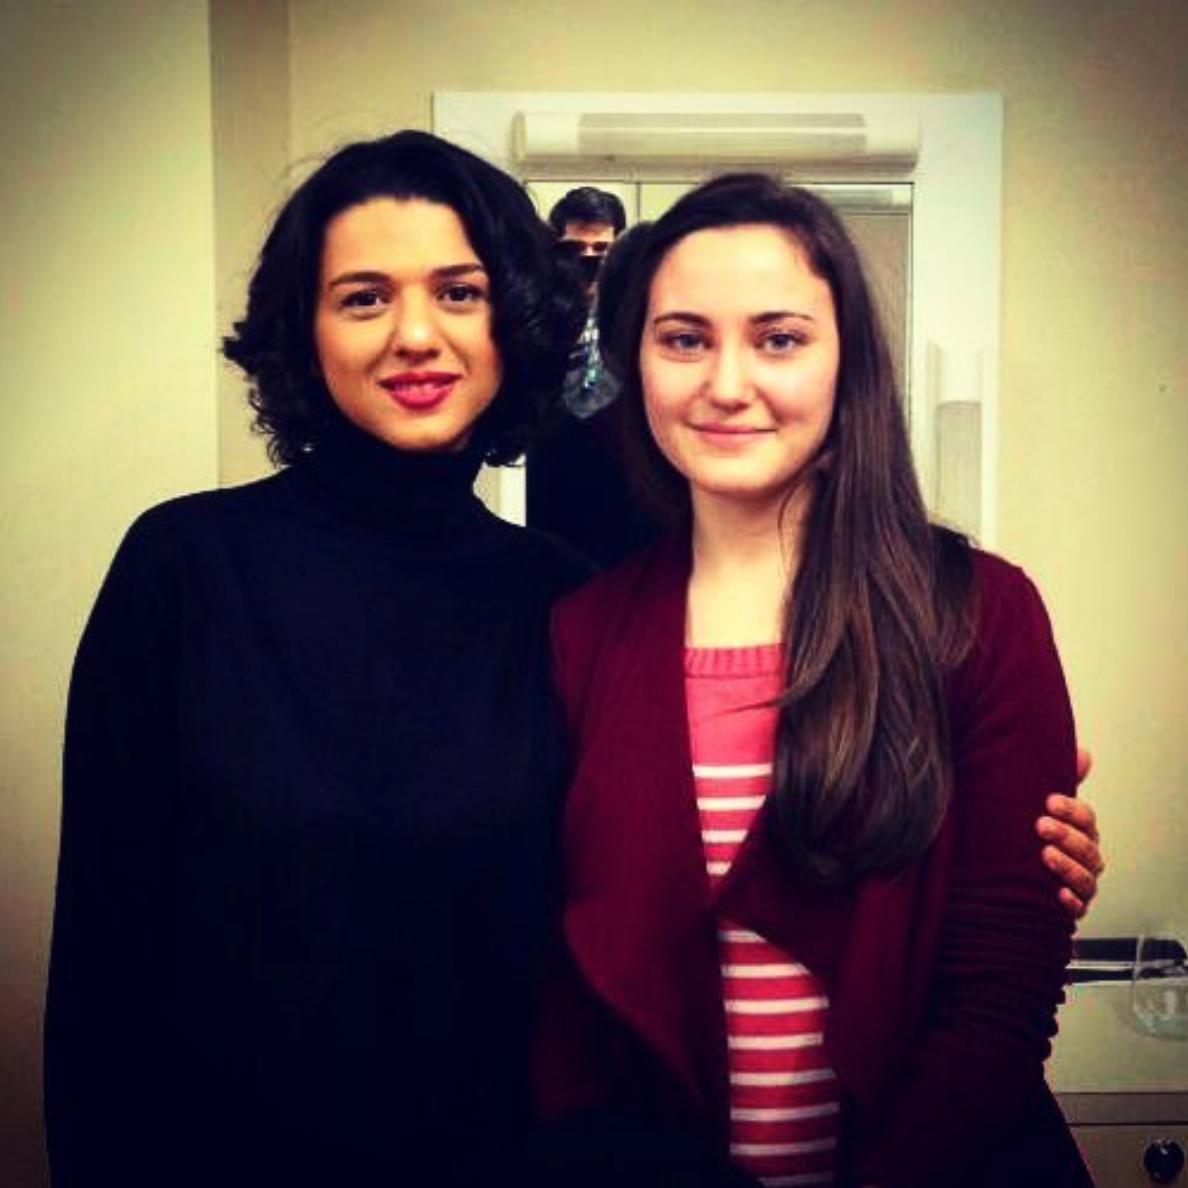 Rencontre avec Khatia Buniatischivili après un concert à l'Auditorium National de Lyon